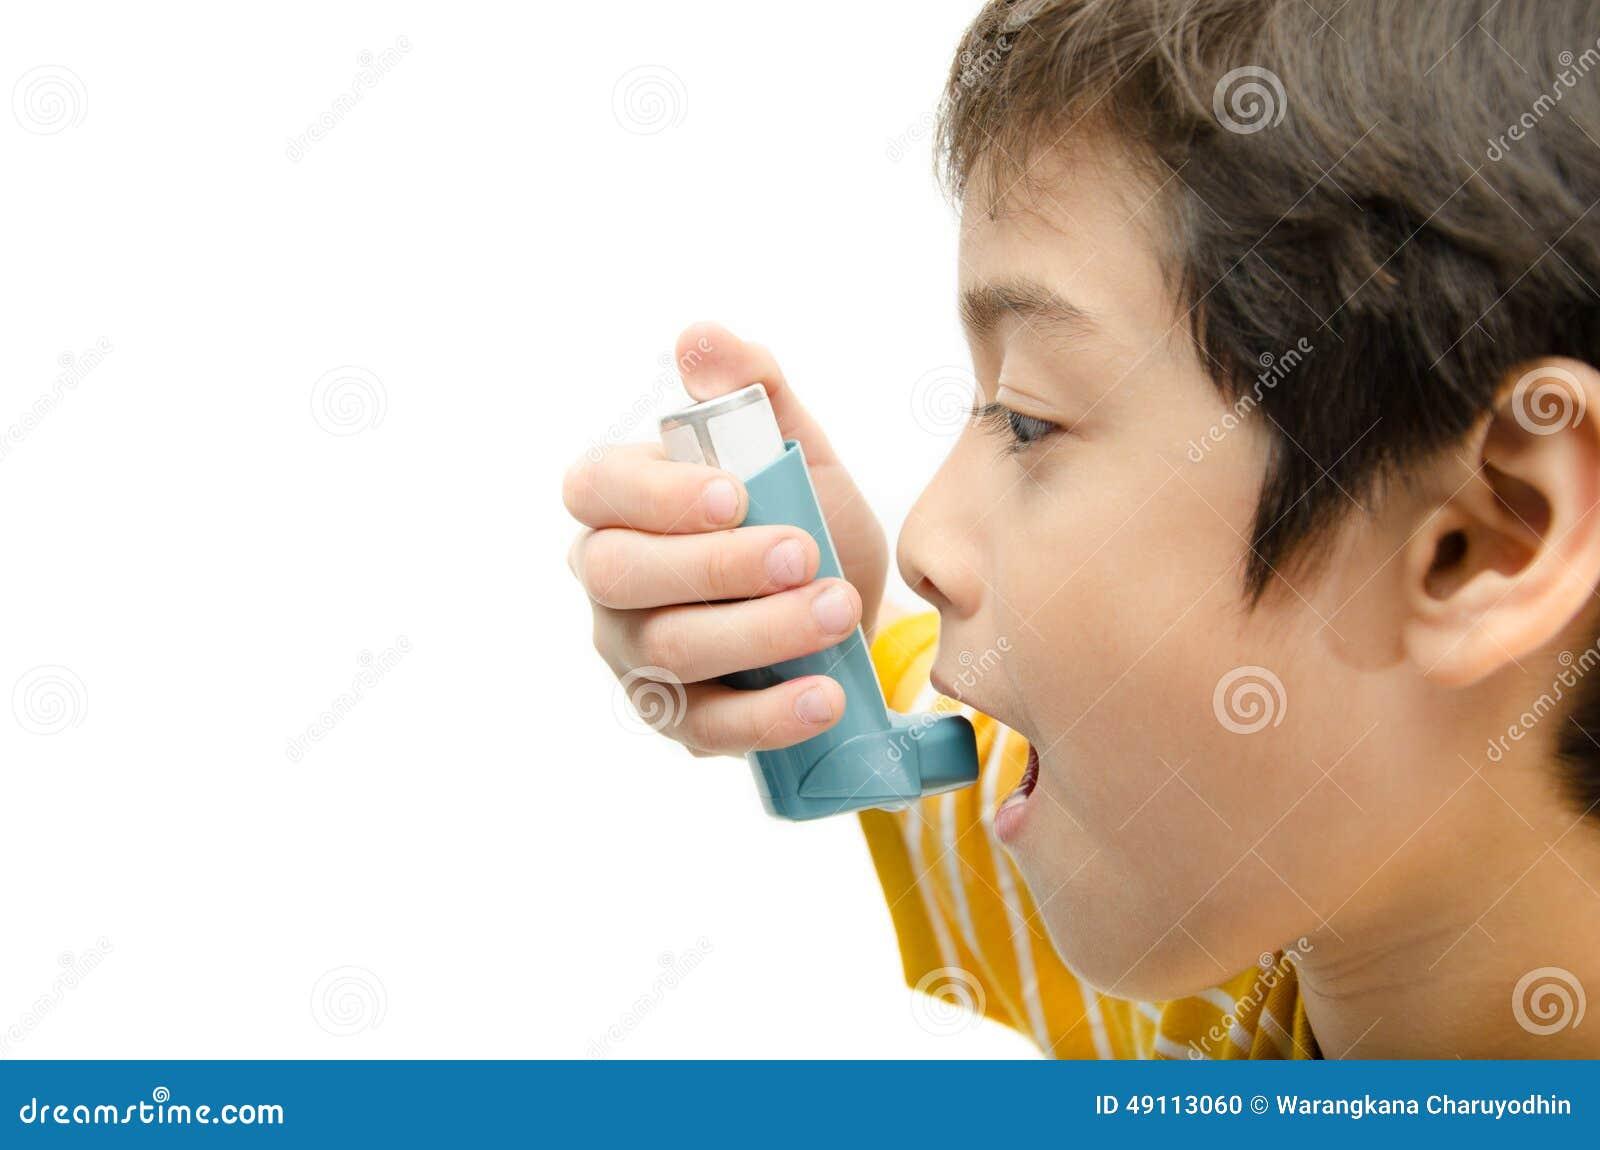 Weinig jongen die Astmainhaleertoestel voor ademhaling met behulp van